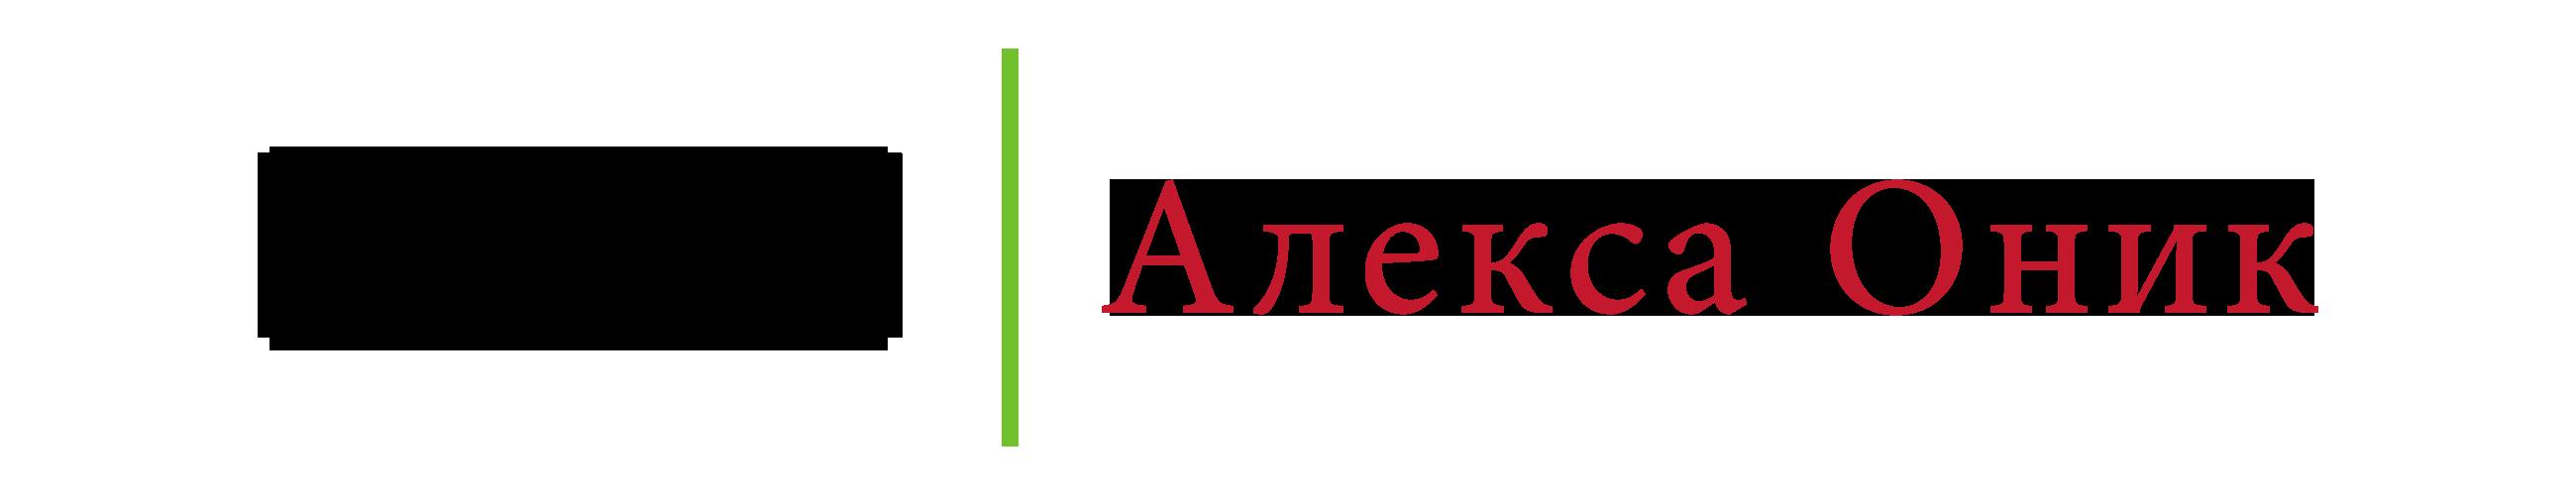 Алекса Оник